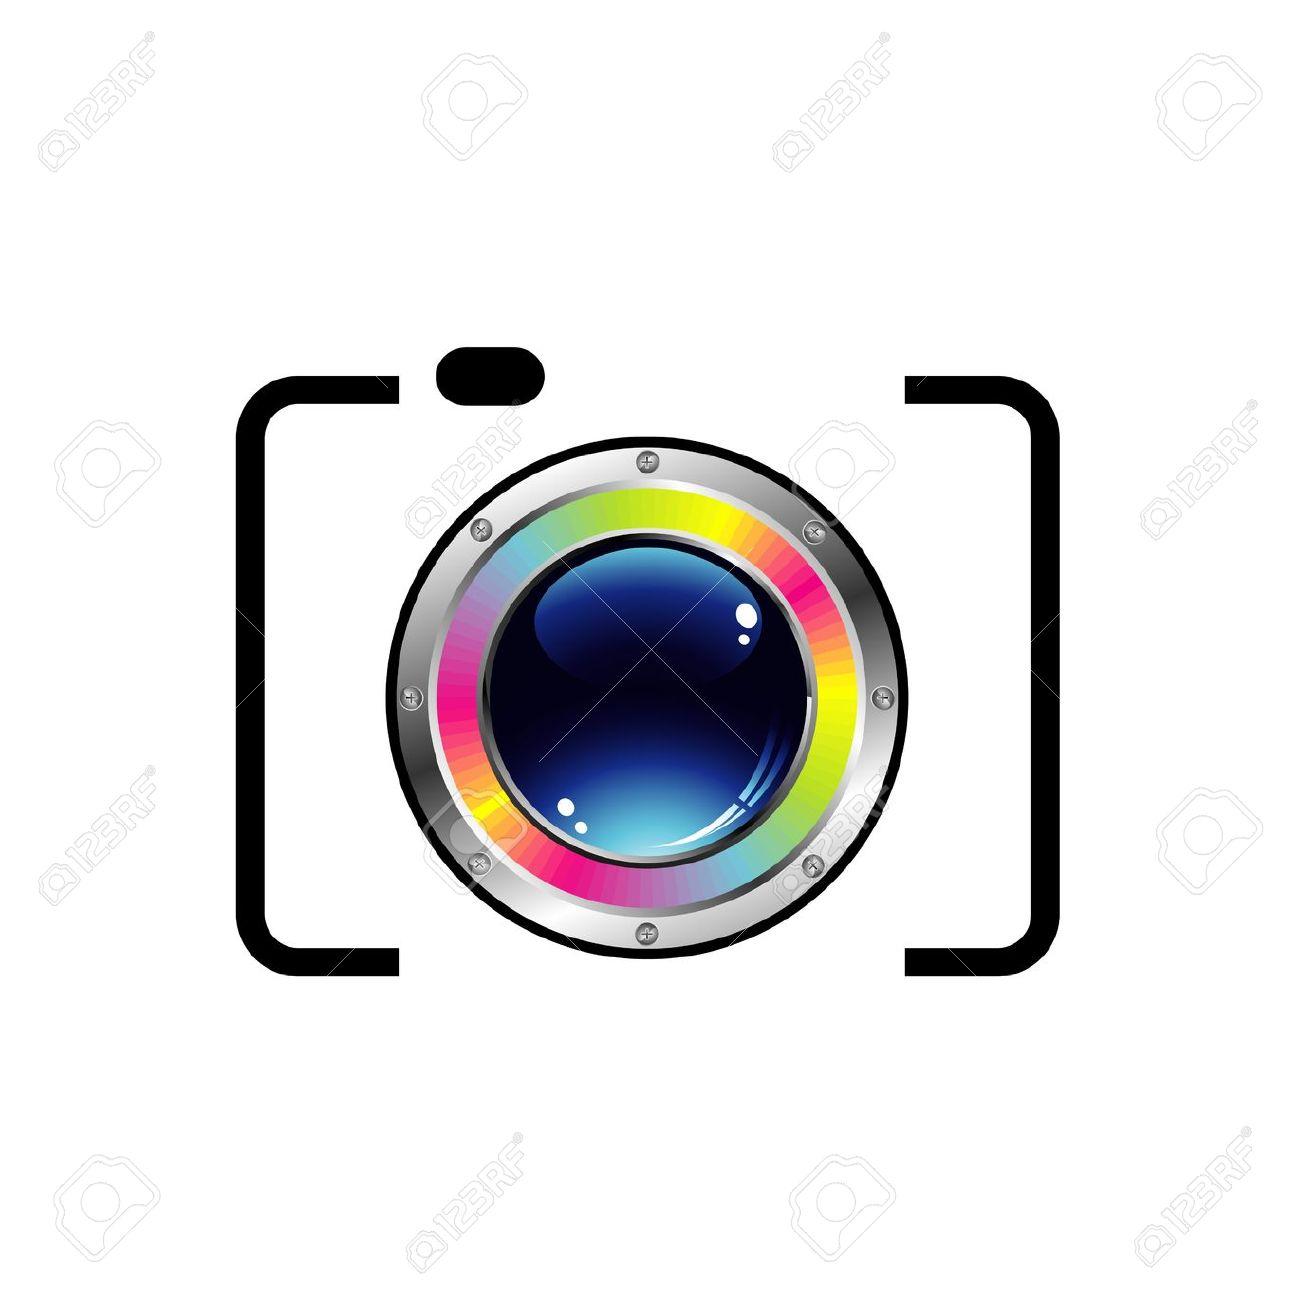 Digital Camera Royalty Free Cliparts, Vectors, And Stock.